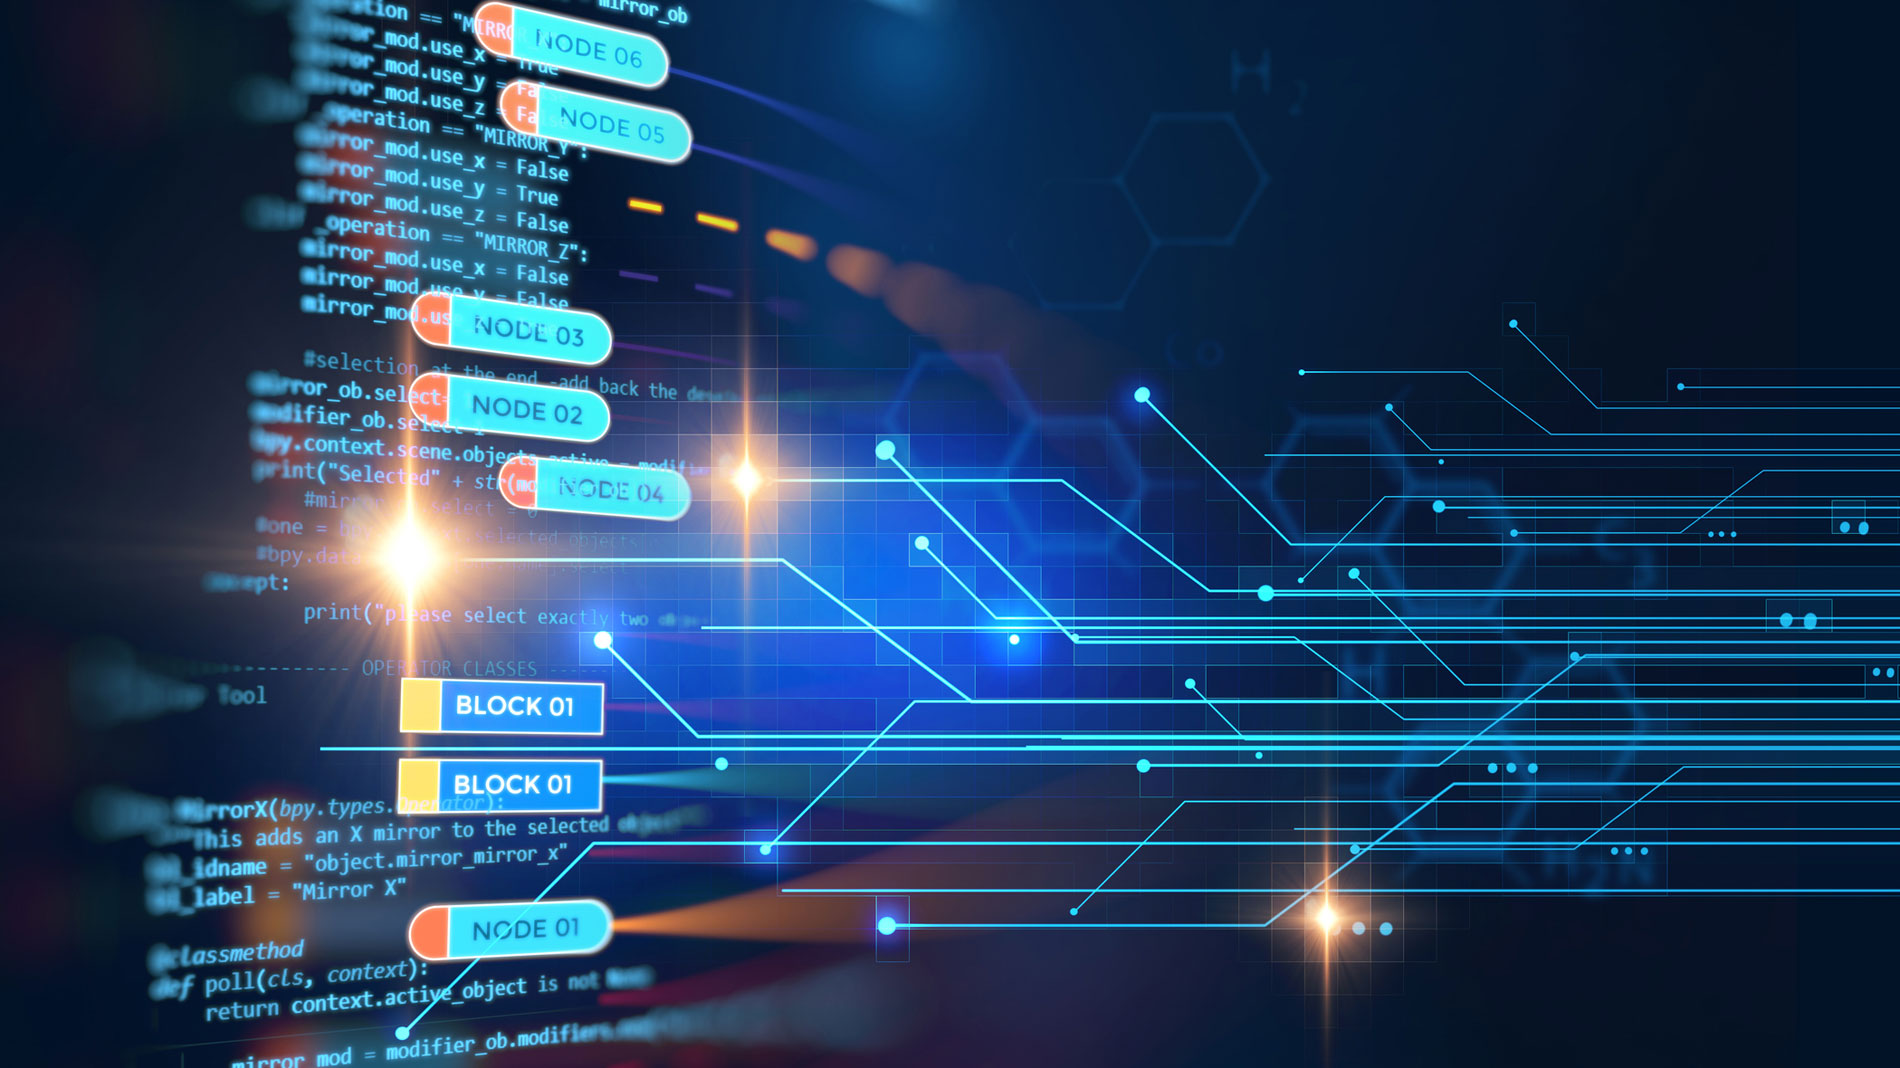 Ir al VideoQué es el sistema de registro de cadena de bloques o 'blockchain' y cómo puede cambiar todo tipo de transacciones